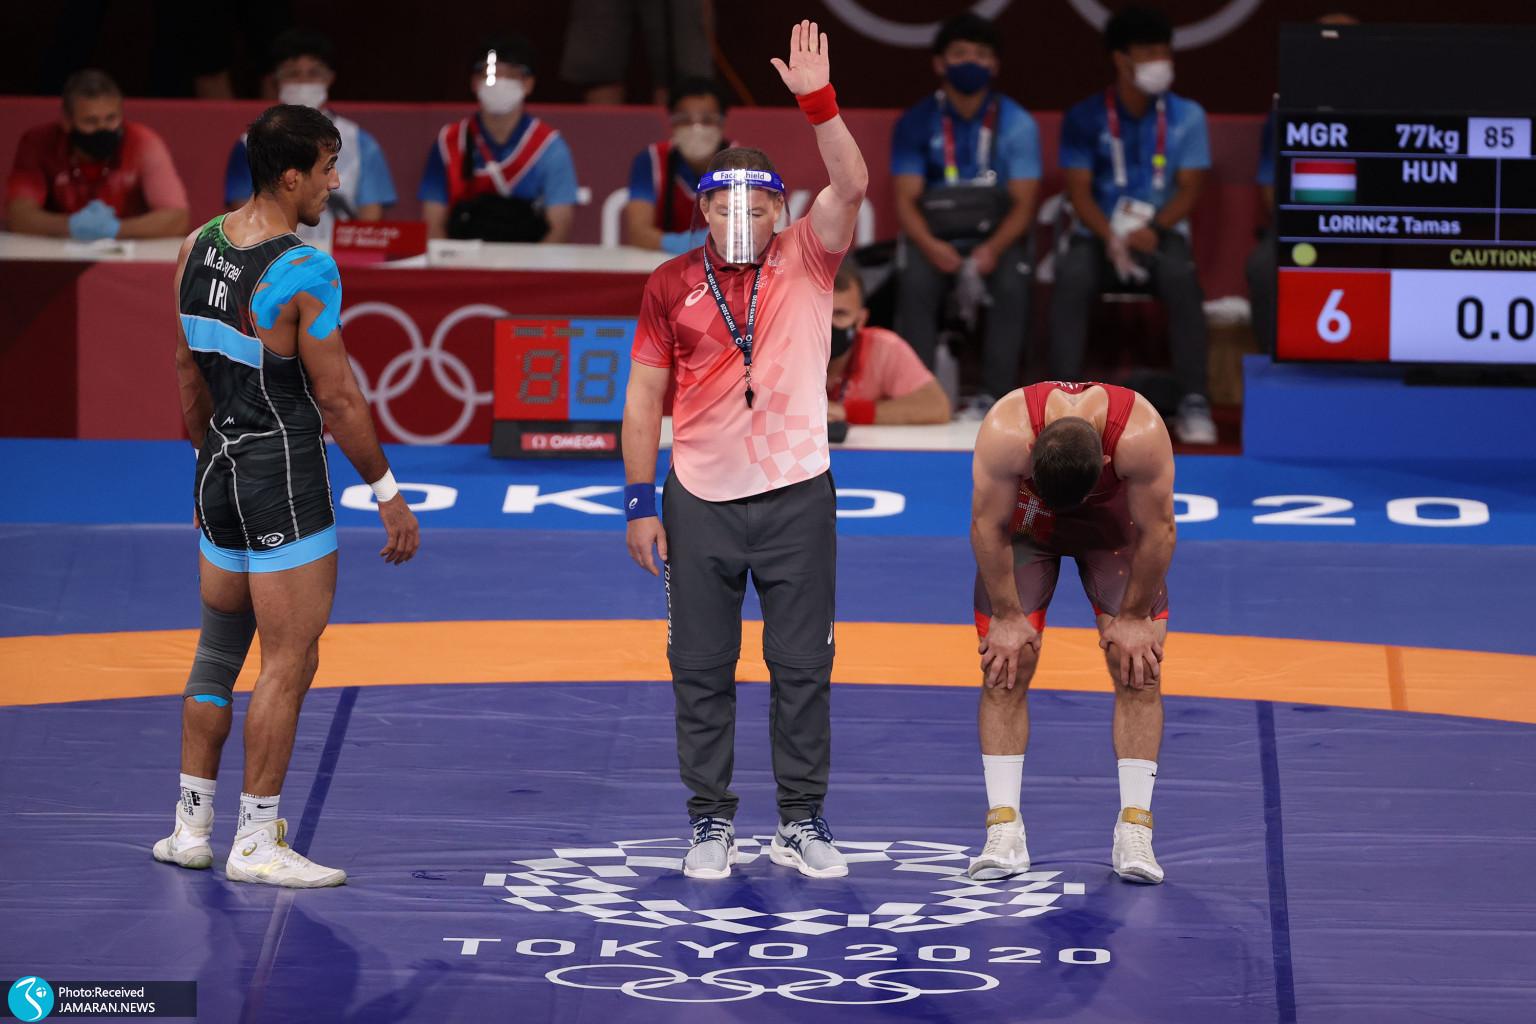 محمدعلی گرایی کشتی فرنگی المپیک